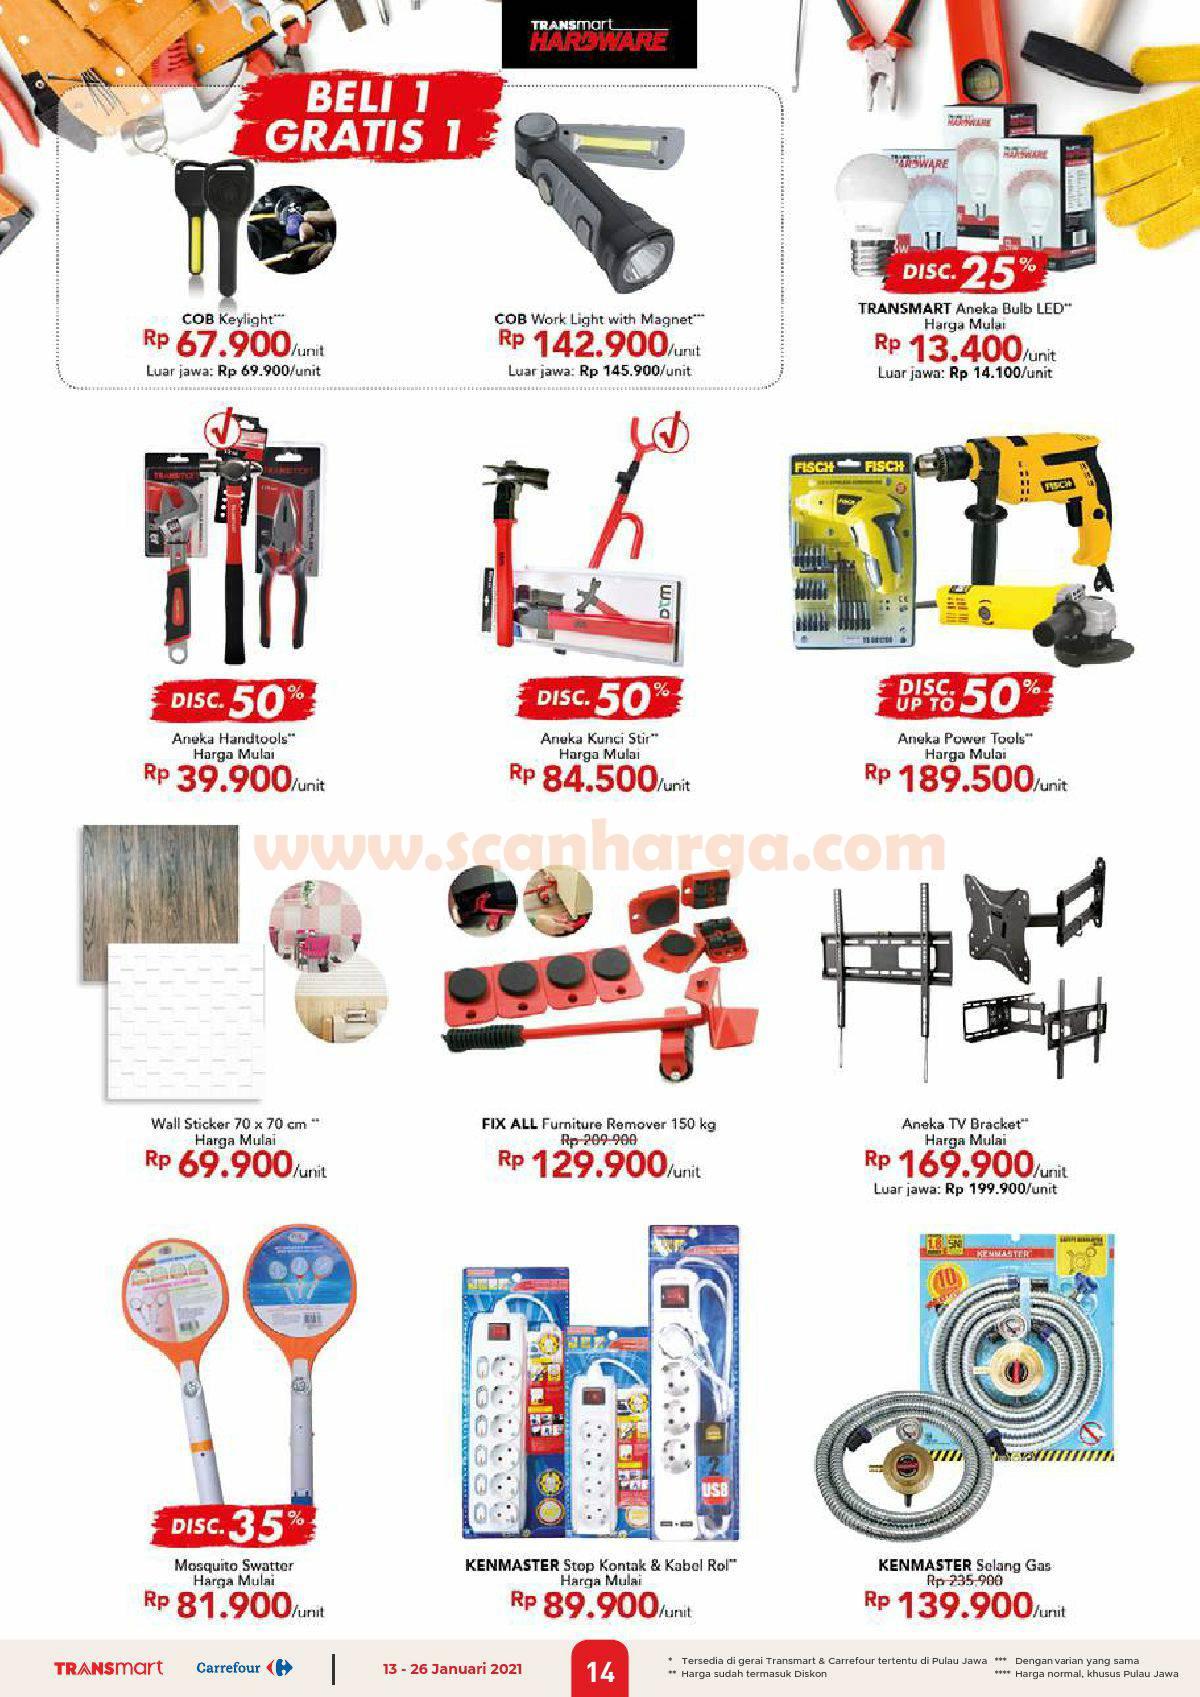 Katalog Promo Carrefour Transmart 13 - 26 Januari 2021 14